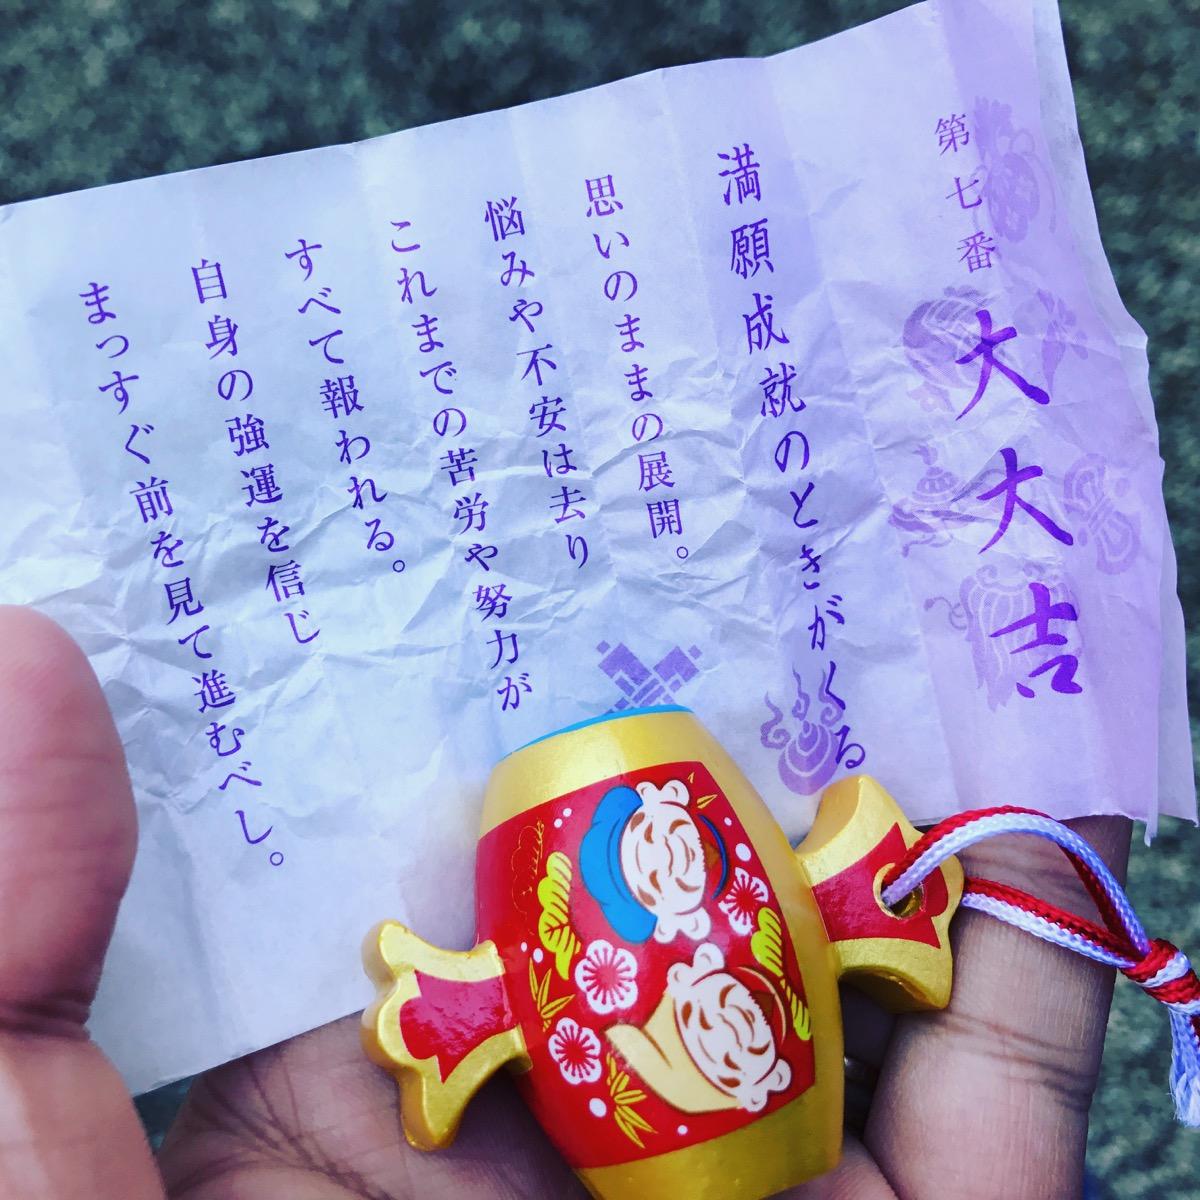 """【悲報】初おみくじで""""大大吉""""を引いてしまった"""